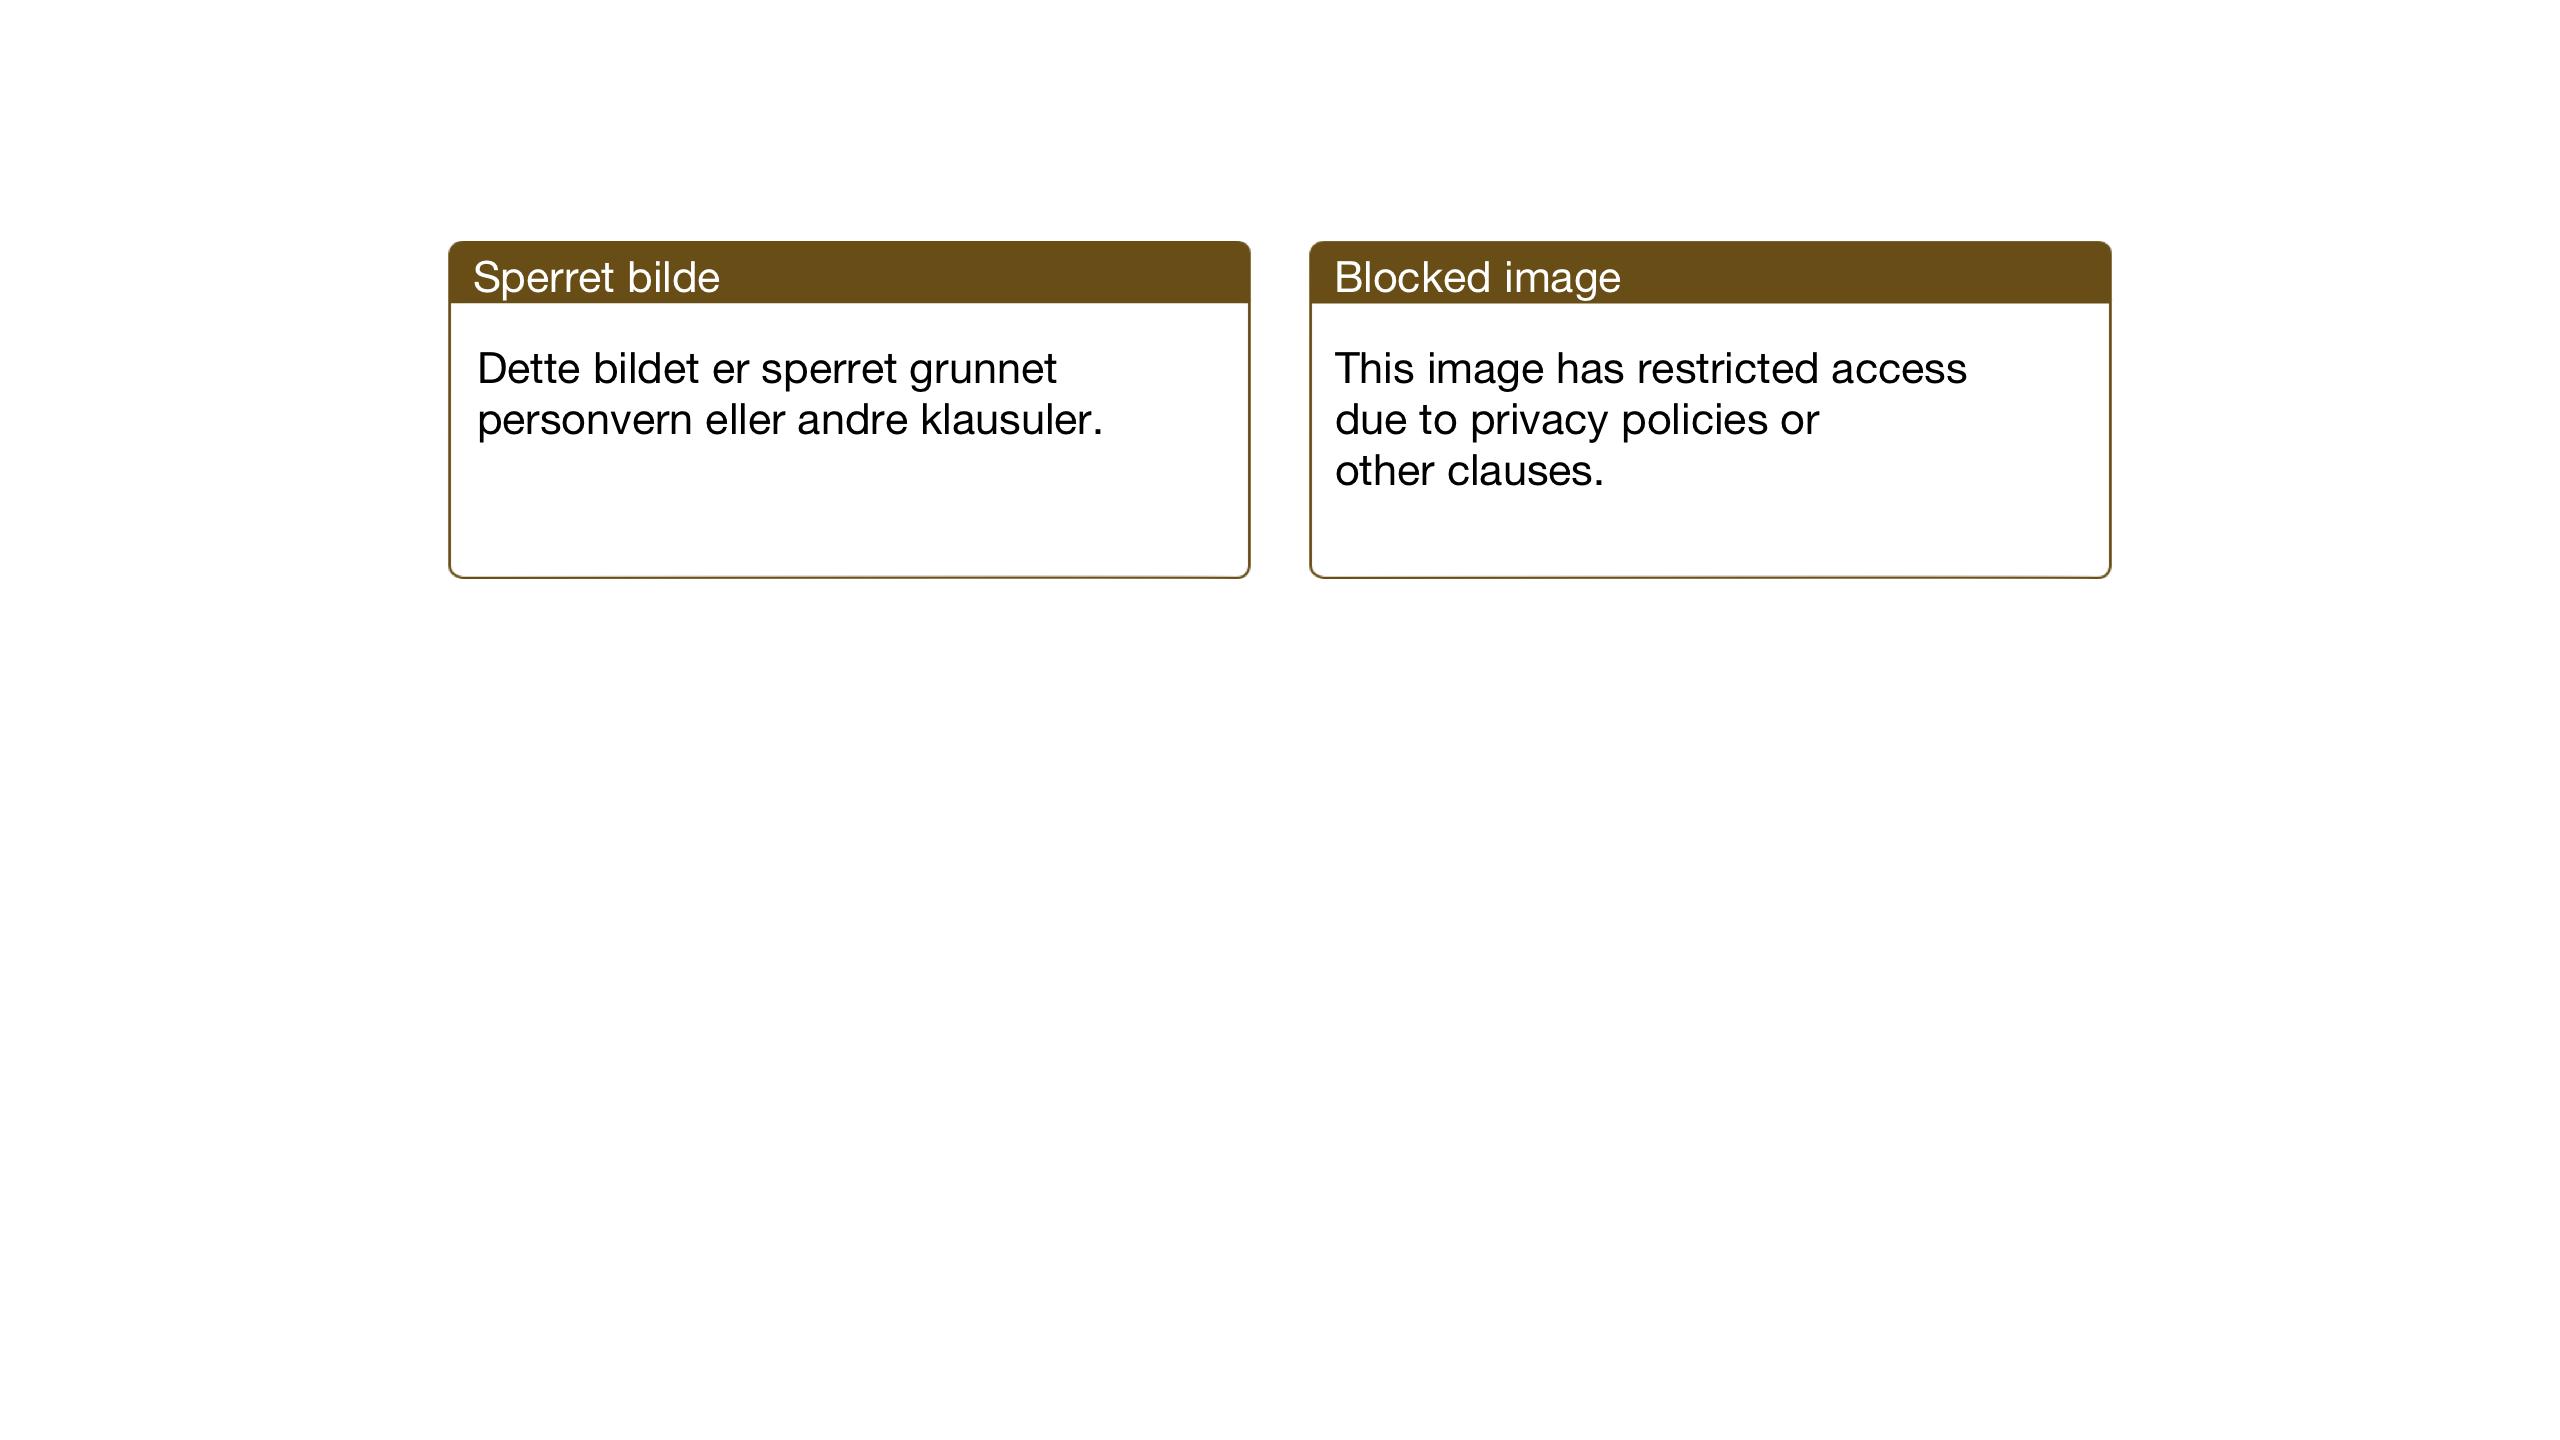 SAT, Ministerialprotokoller, klokkerbøker og fødselsregistre - Sør-Trøndelag, 637/L0564: Klokkerbok nr. 637C05, 1928-1968, s. 120